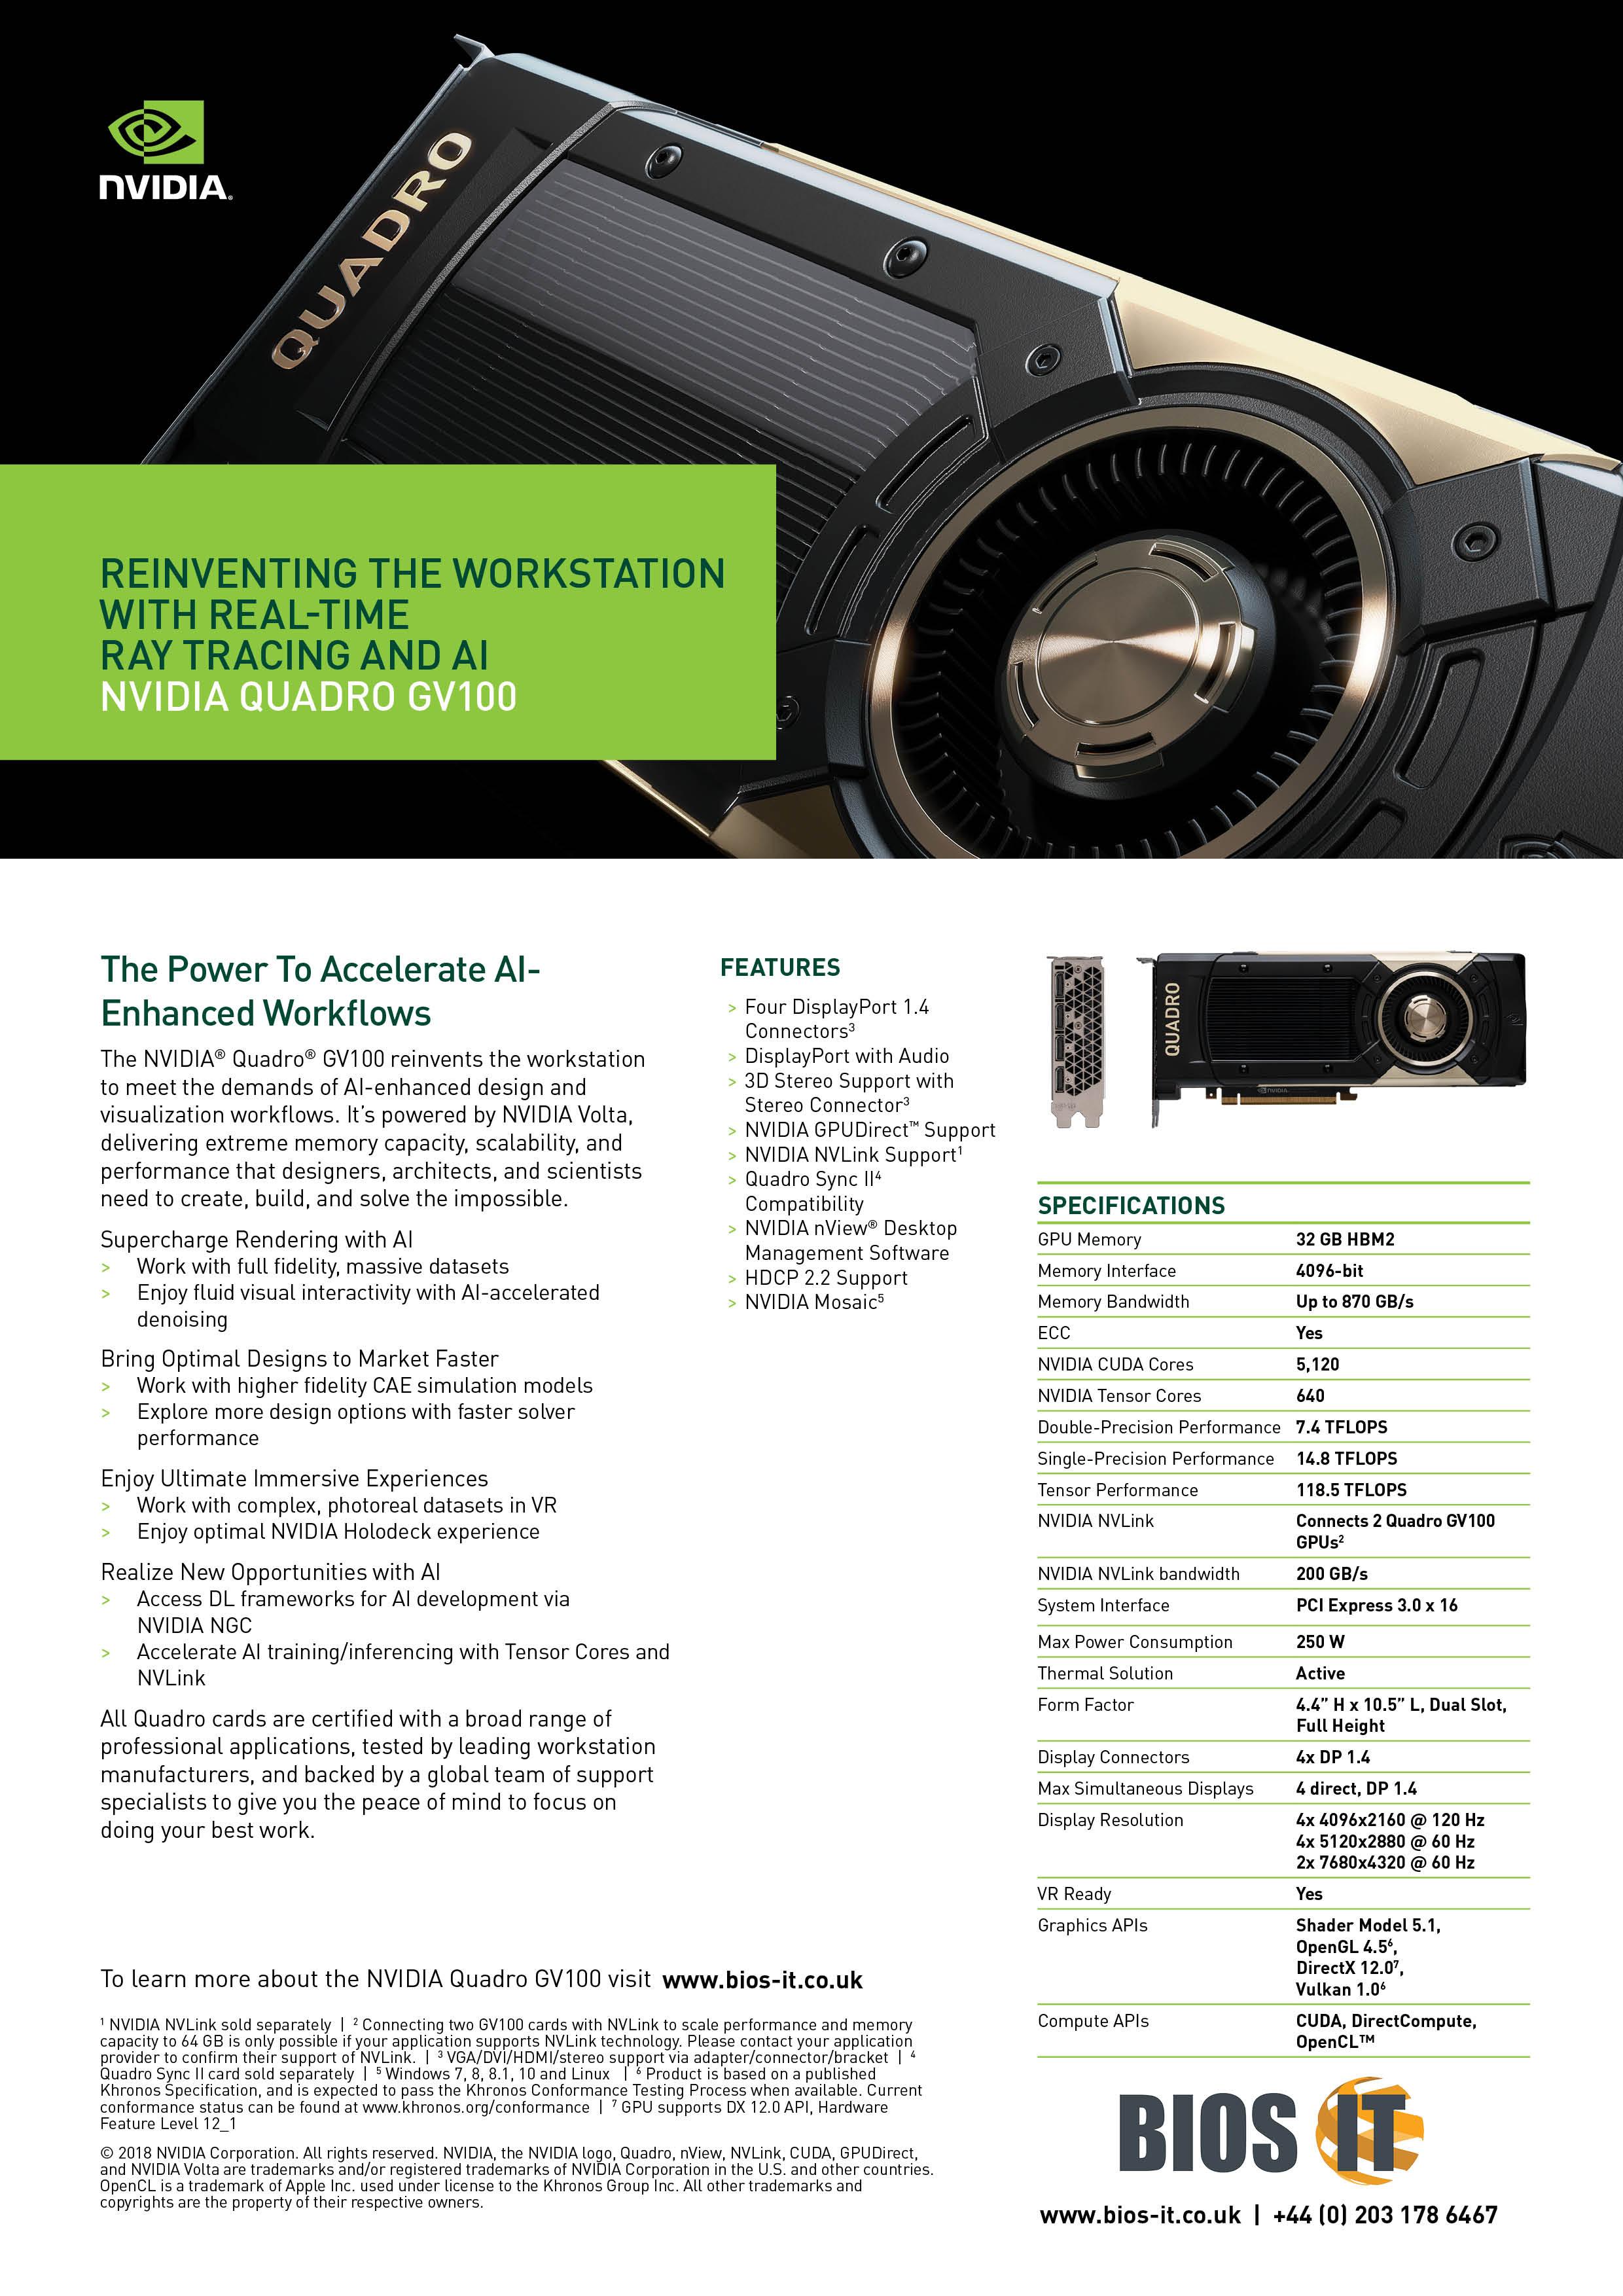 BIOS IT | News | NVIDIA Quadro® GV100